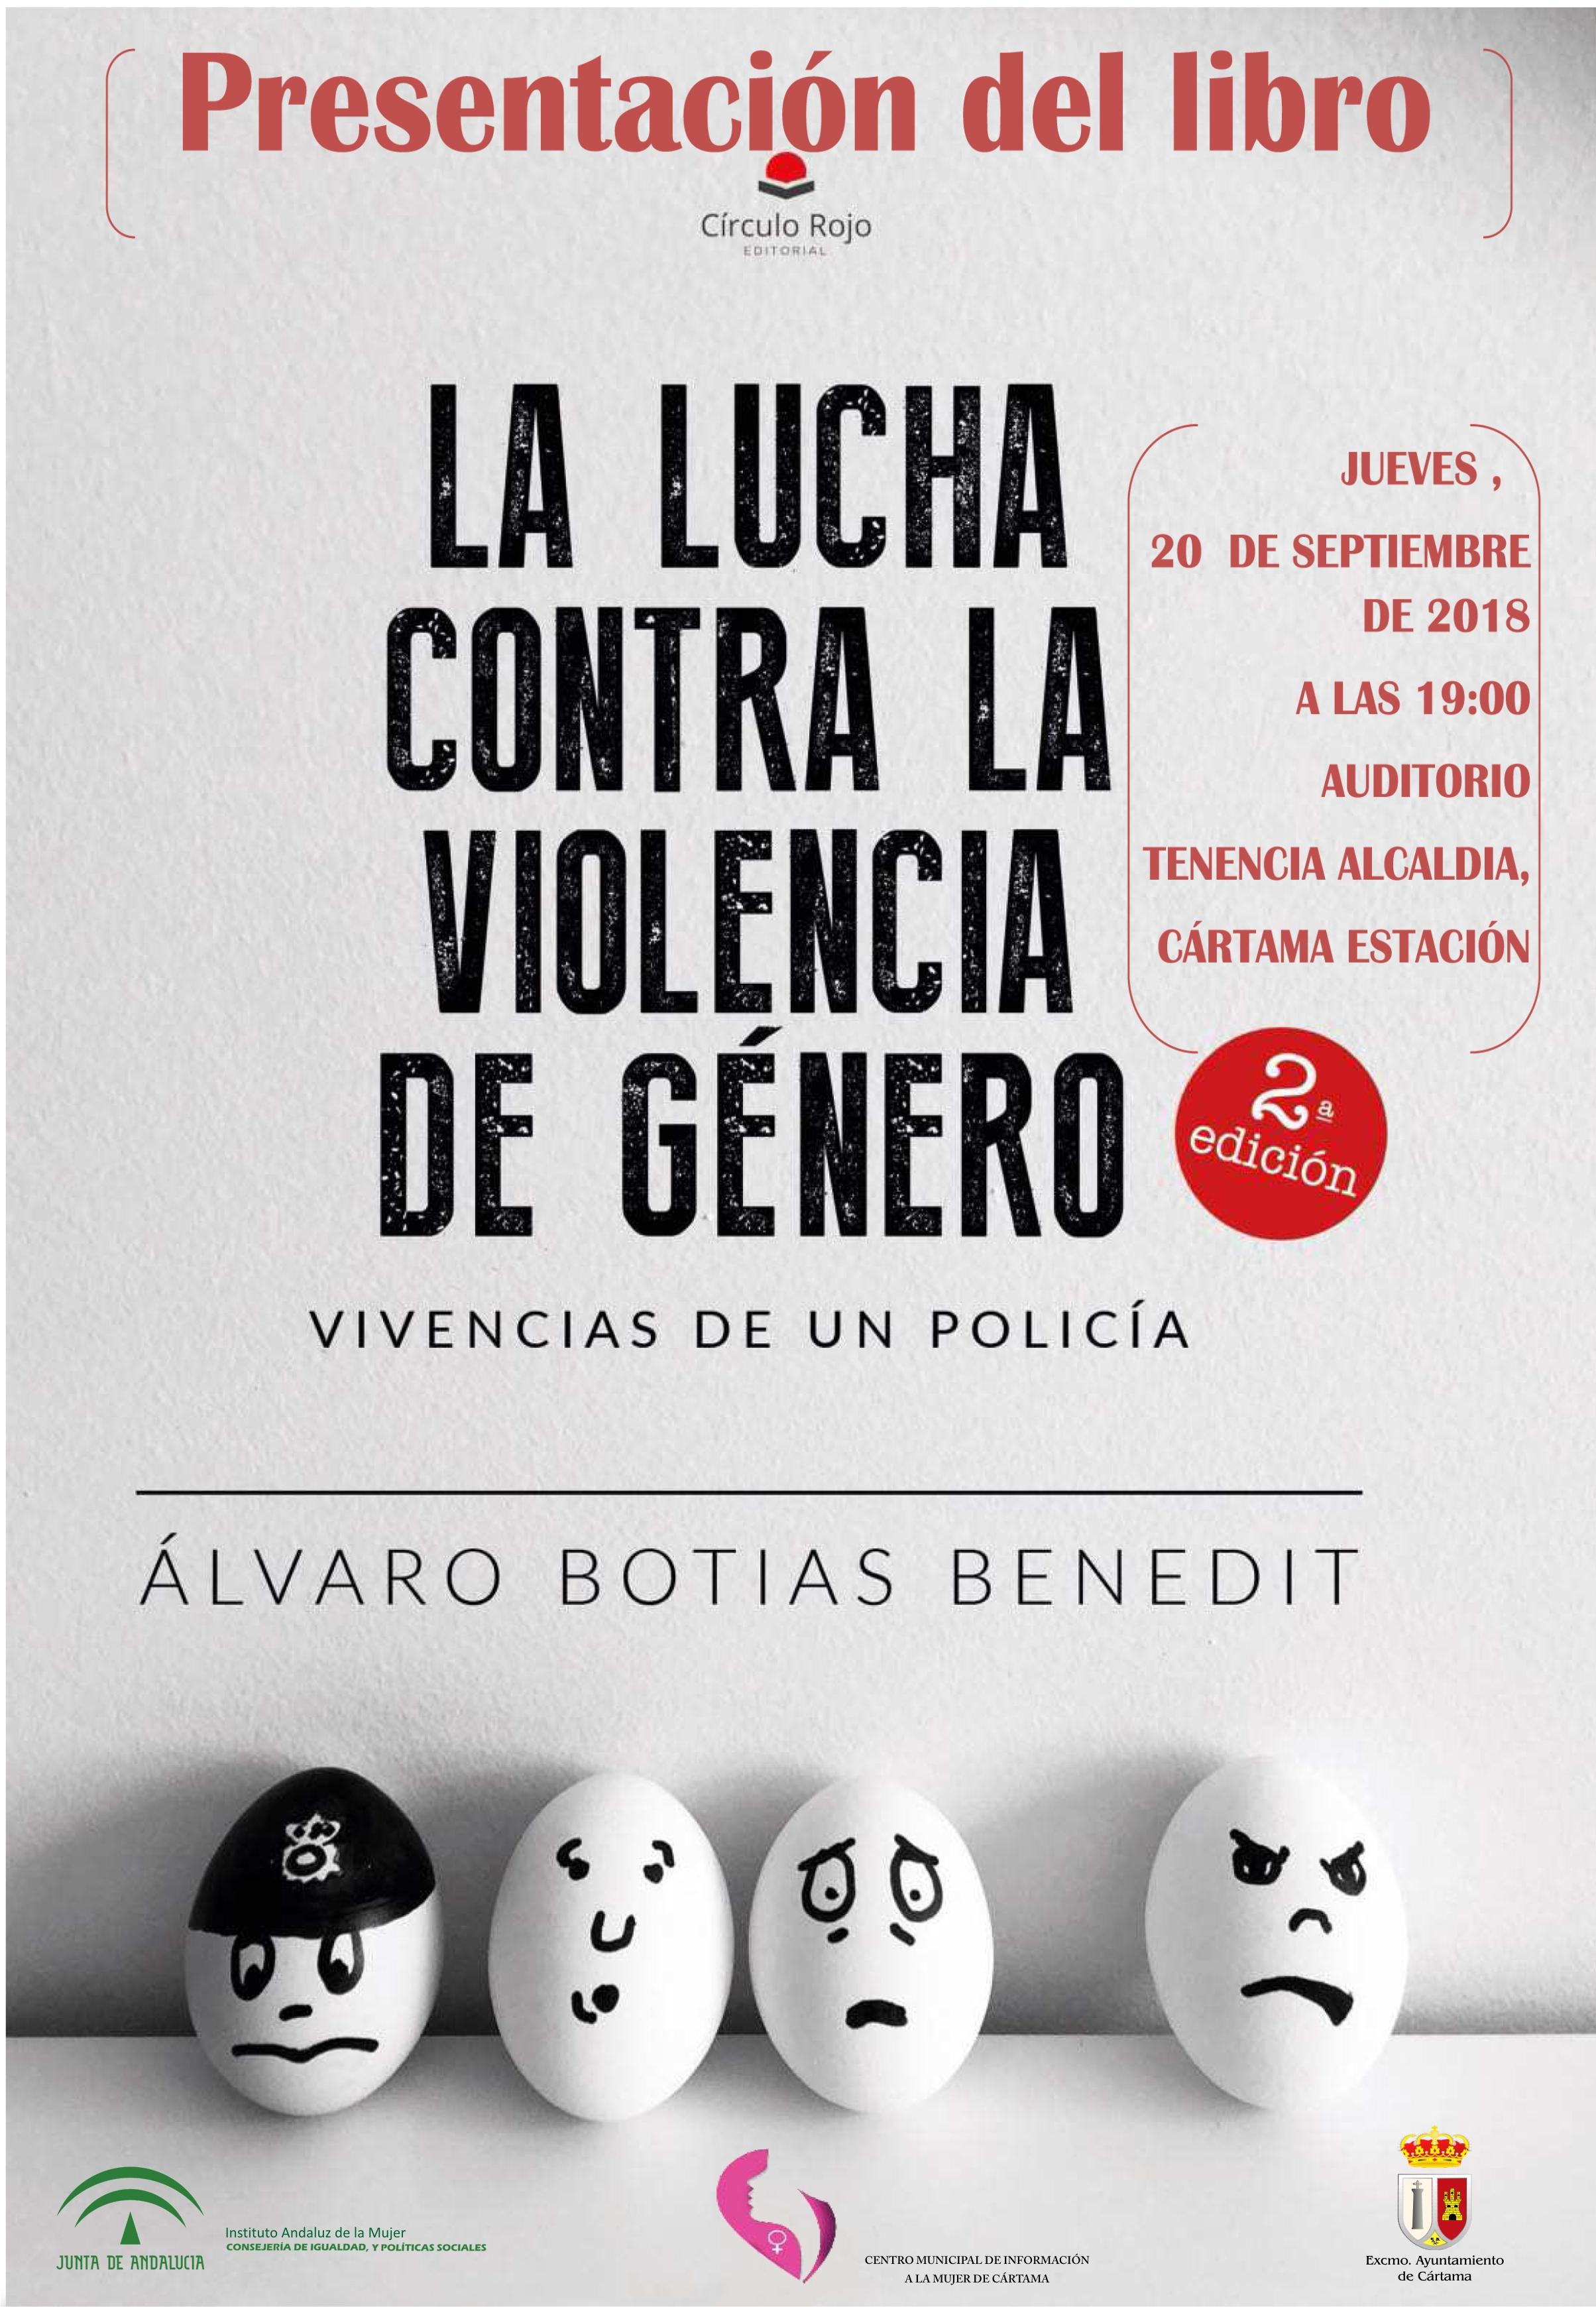 cartel-presentacion-libro-contra-violencia-de-genero-200918